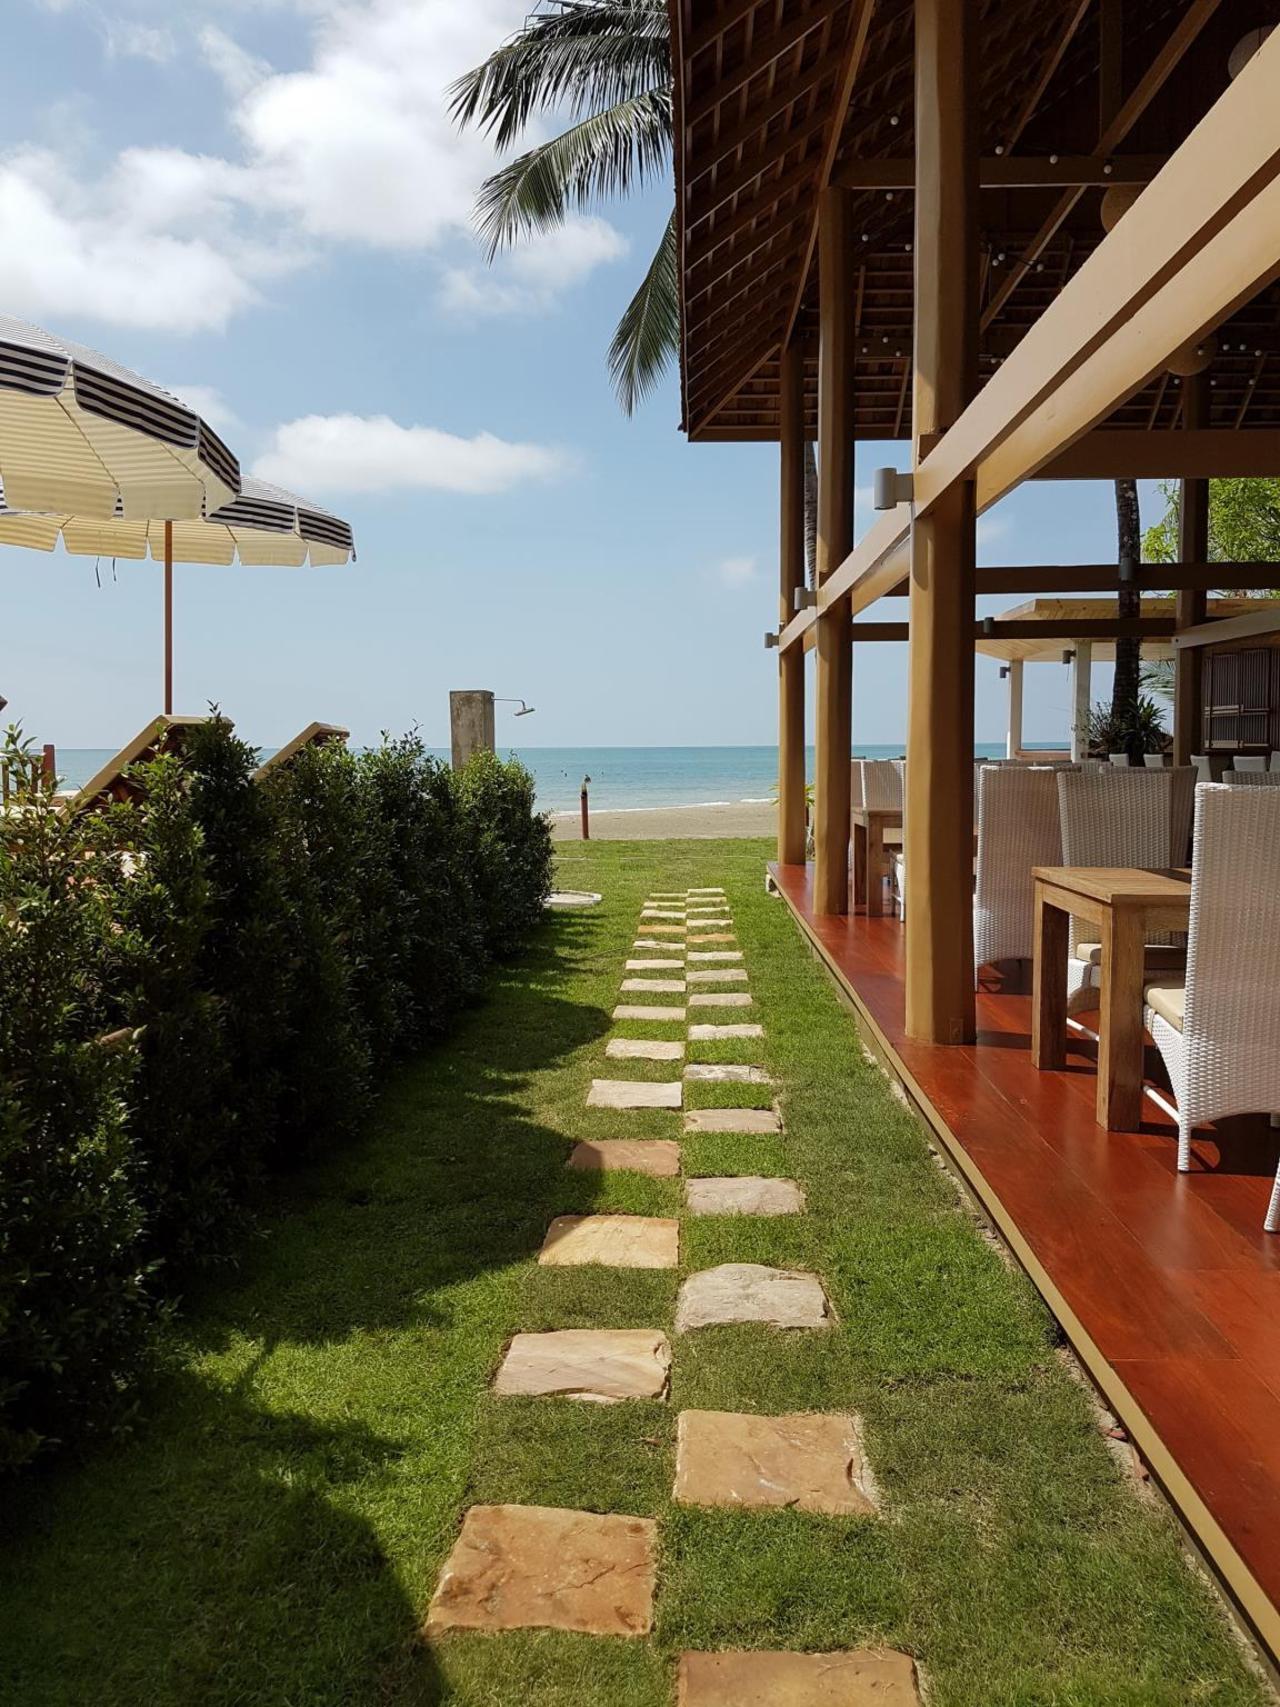 วี. เจ. ซีเรนีตี้ เกาะช้าง (V.J. Searenity Hotel Koh Chang)